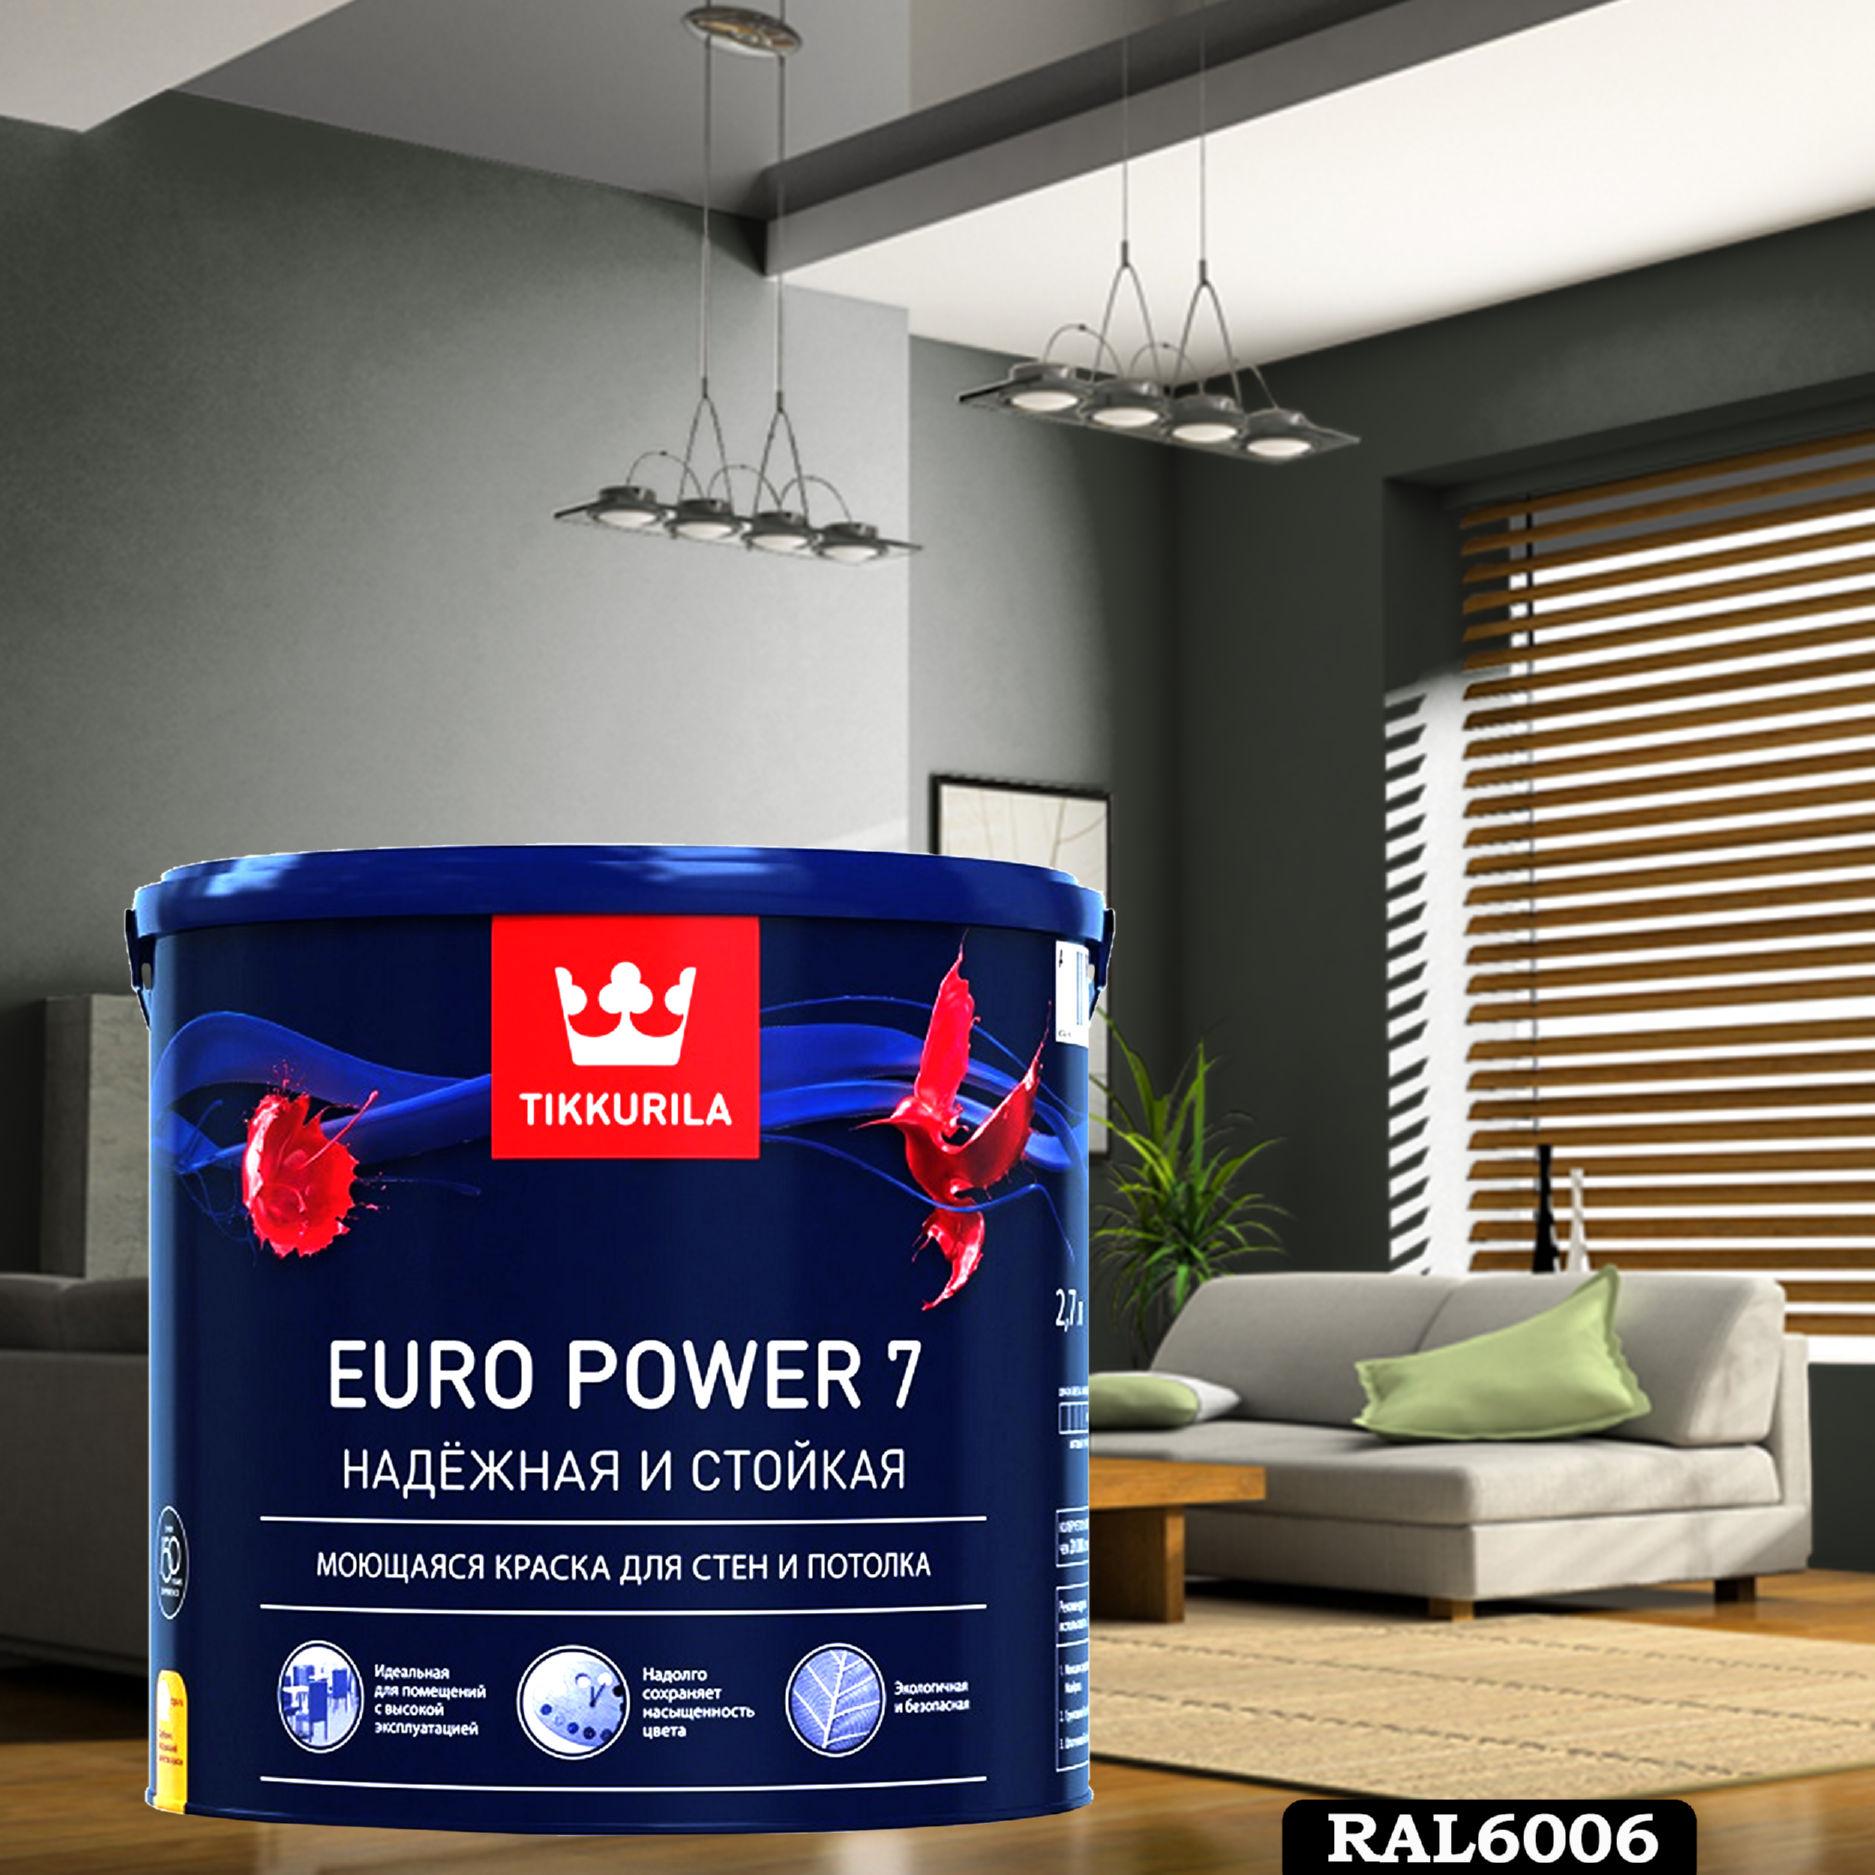 Фото 7 - Краска TIKKURILA Euro Power 7,  RAL 6006 Серо-оливковый, латексная моющаяся матовая интерьерная, 9 л.